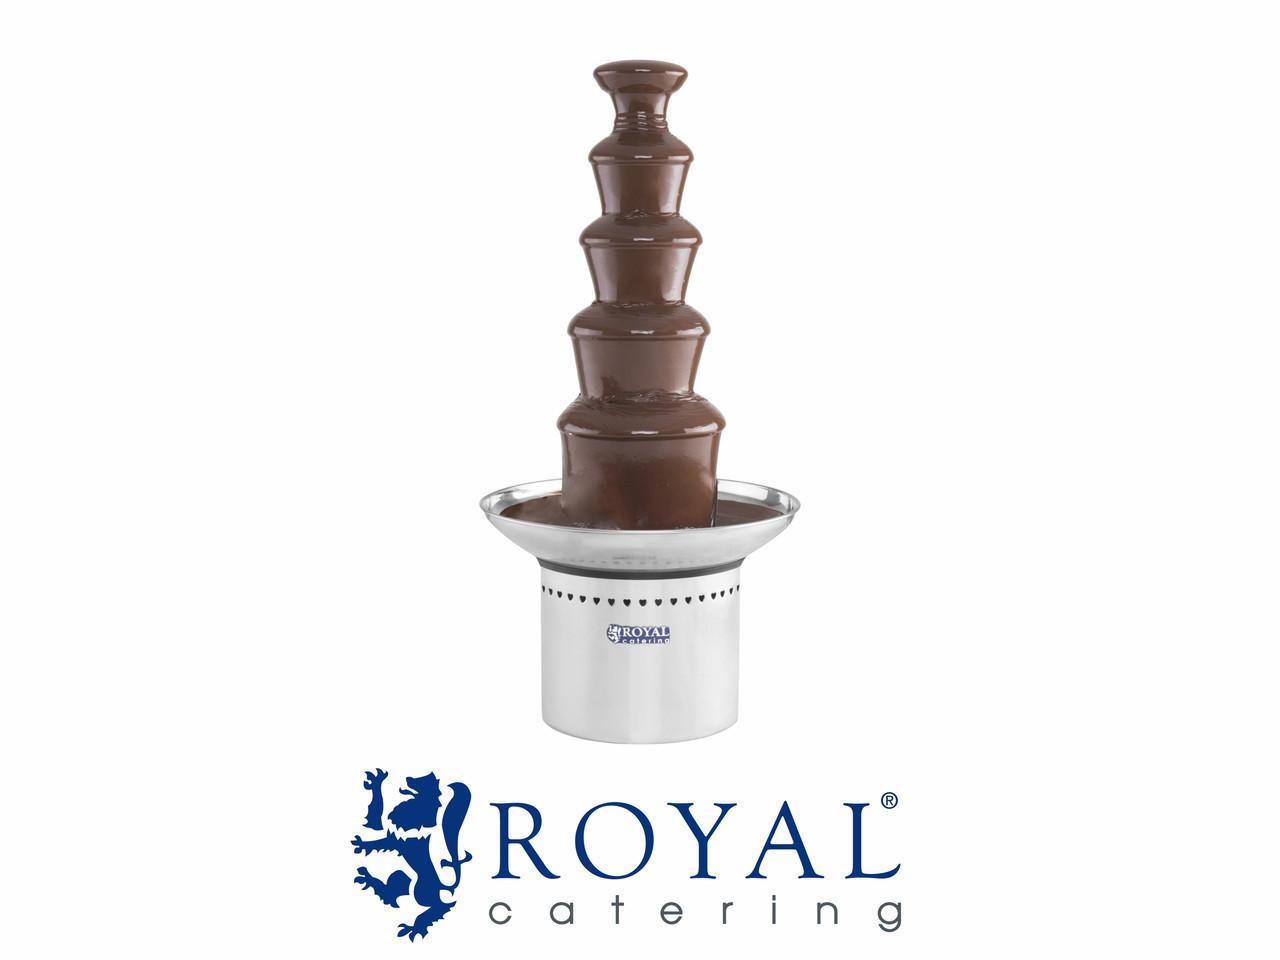 Шоколадный фонтан ROYAL, фото 1